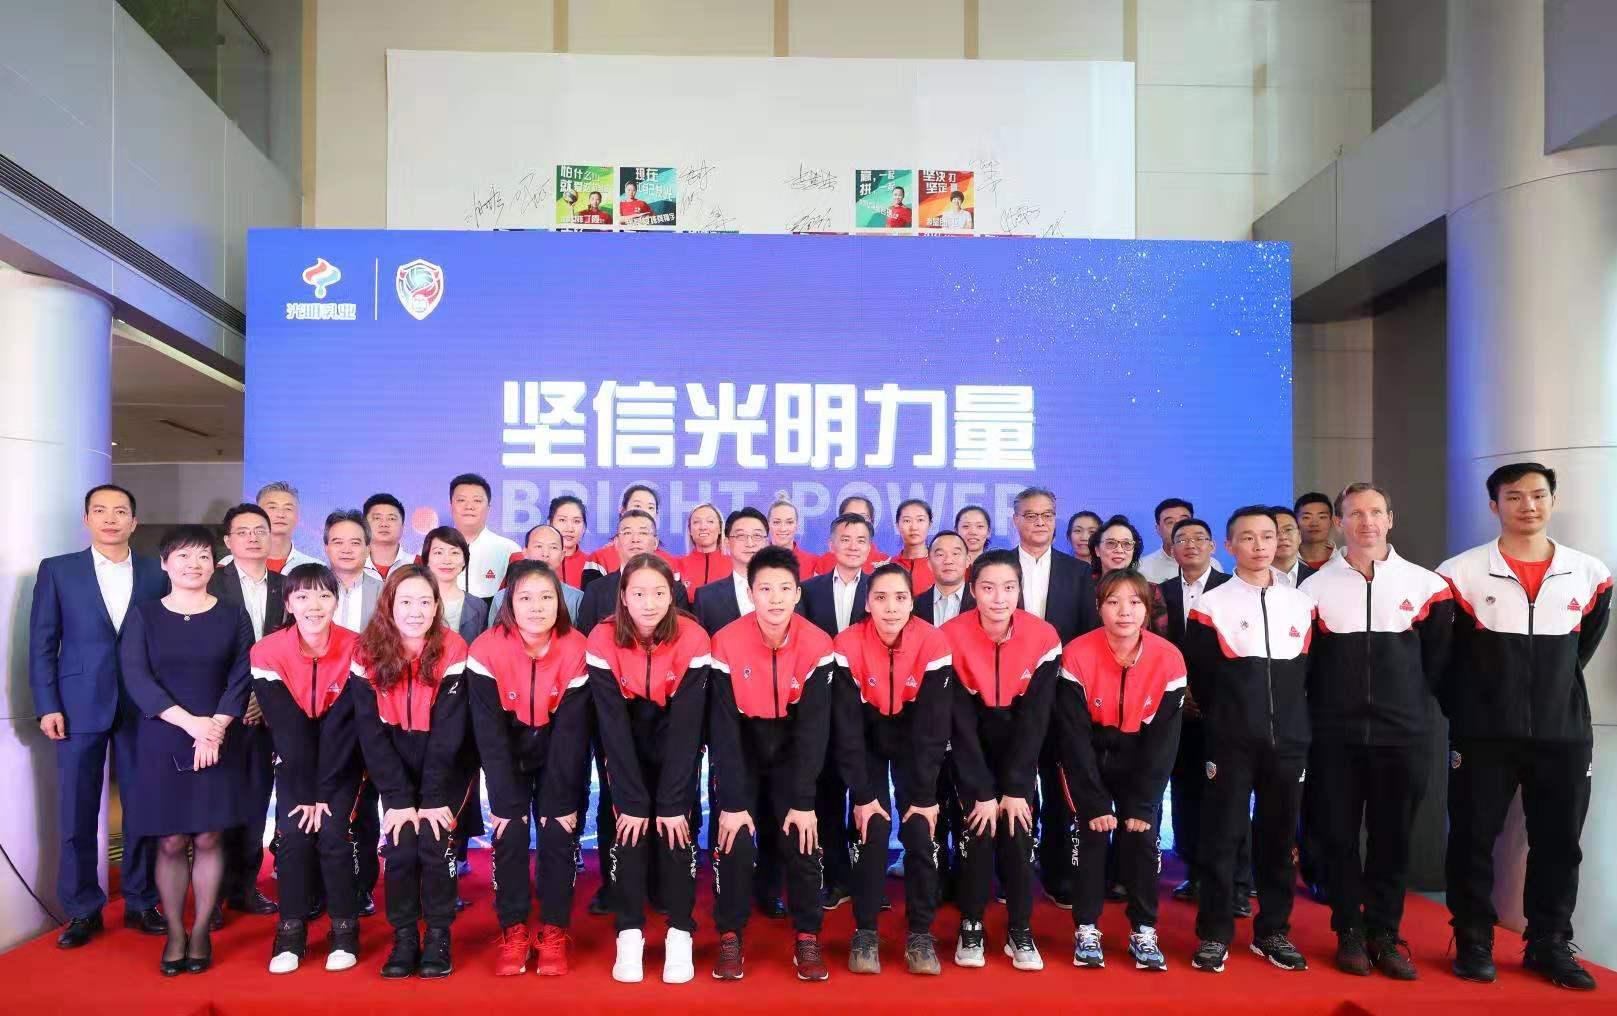 上海女排出征新赛季:引入美国队长拉尔森,前四是初级目标